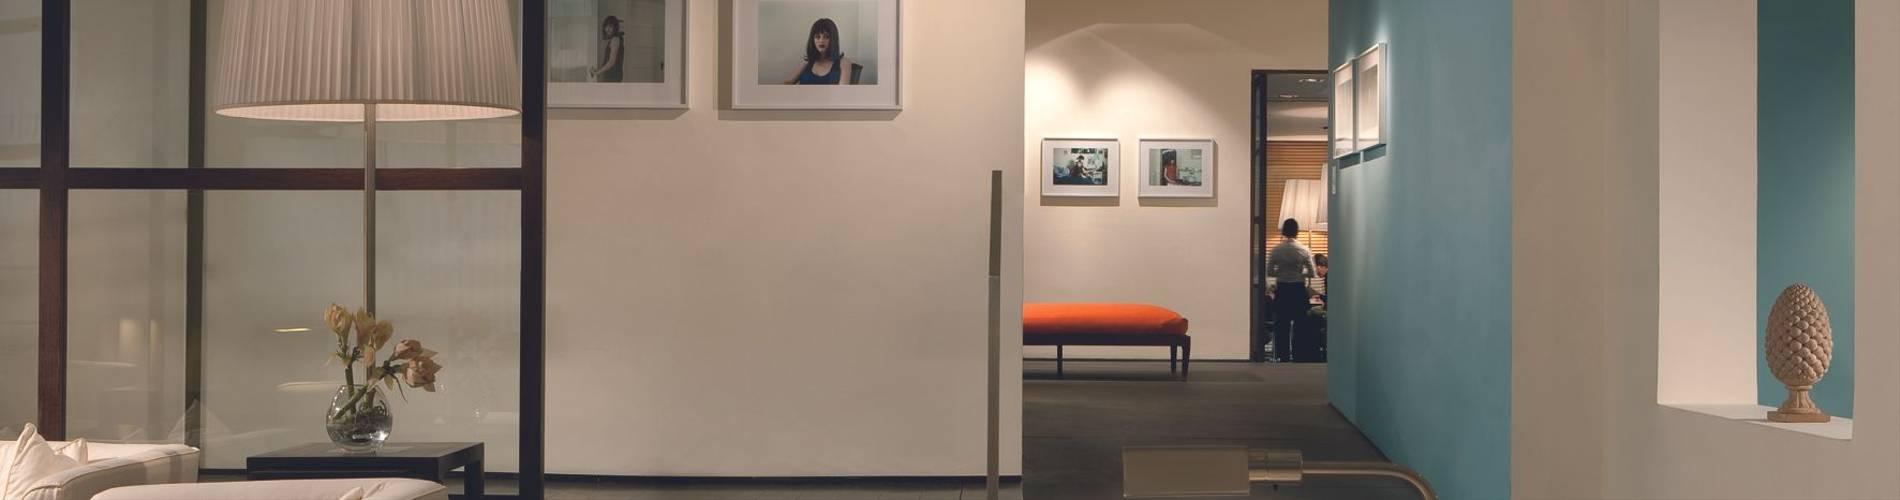 Gallery Art Hotel, Tuscany, Italy (22).JPG